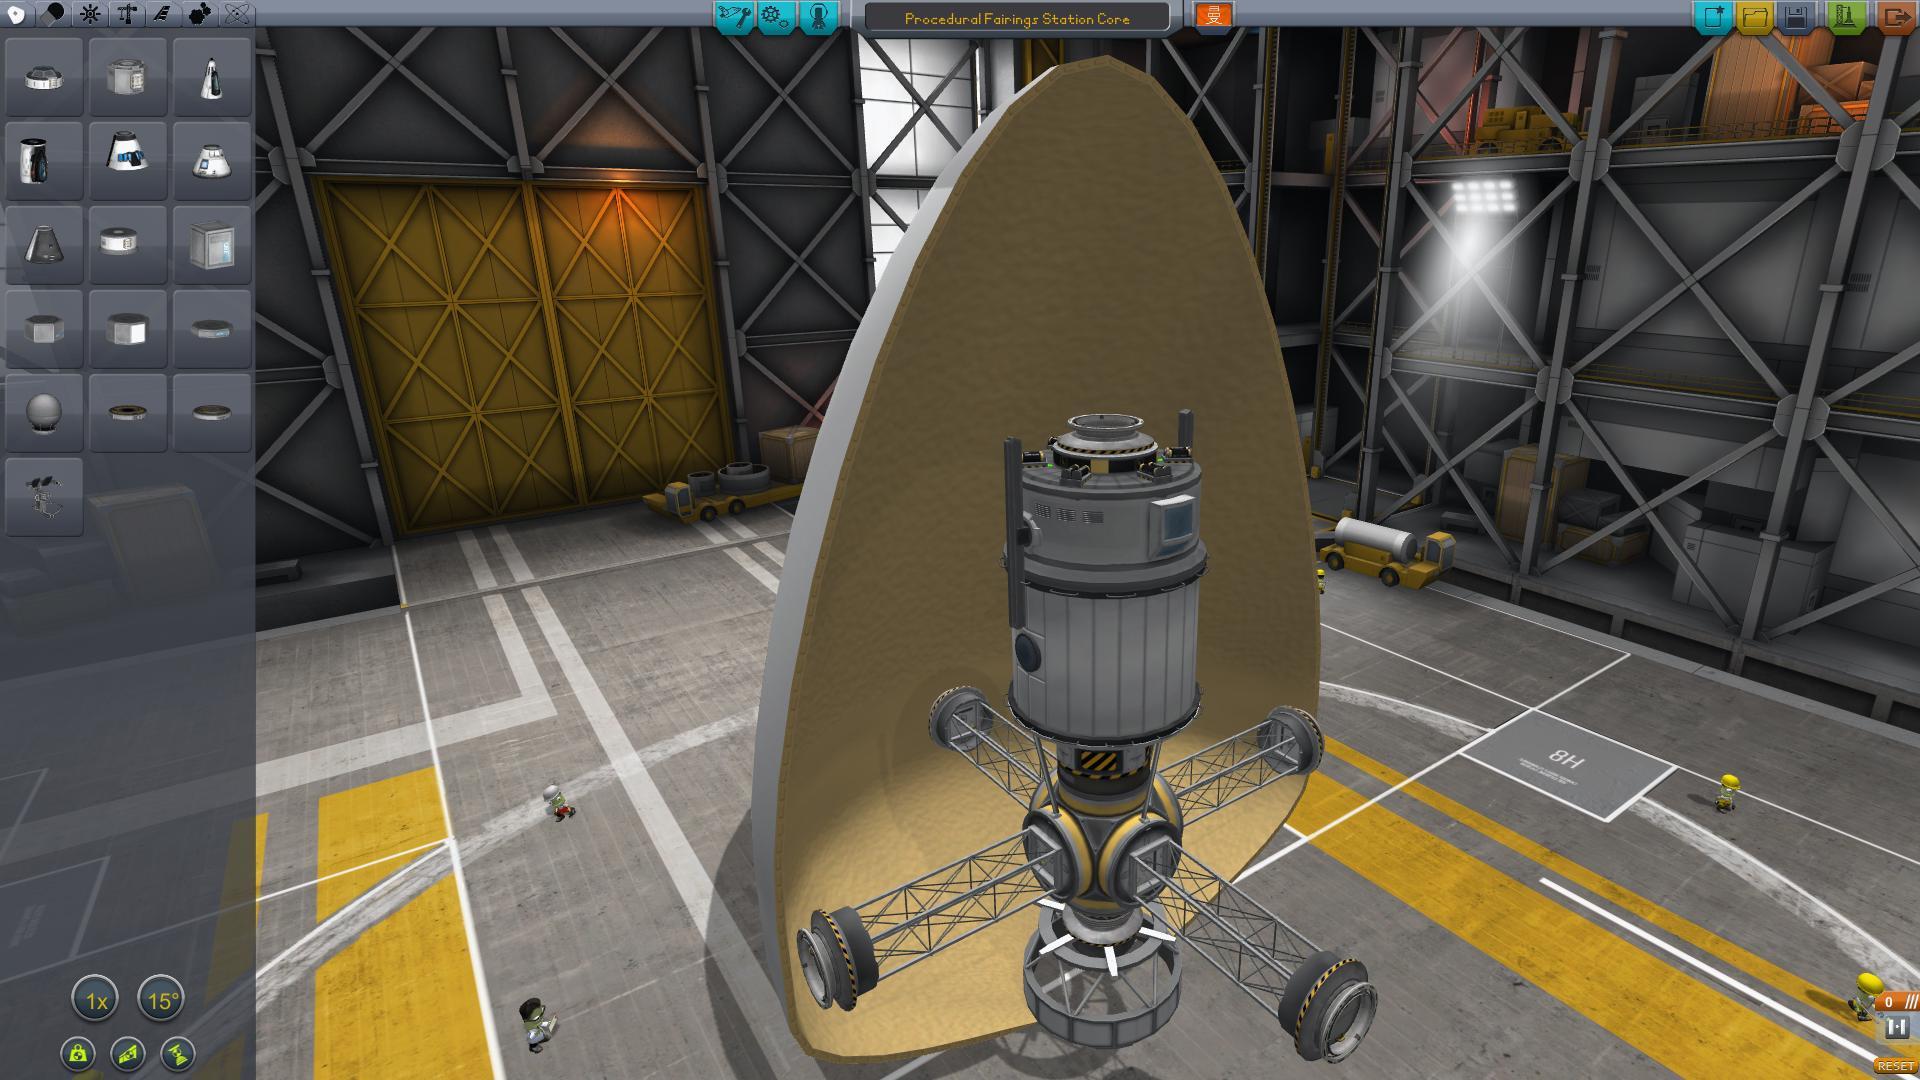 Как сделать kerbal space program - Studentswear.ru